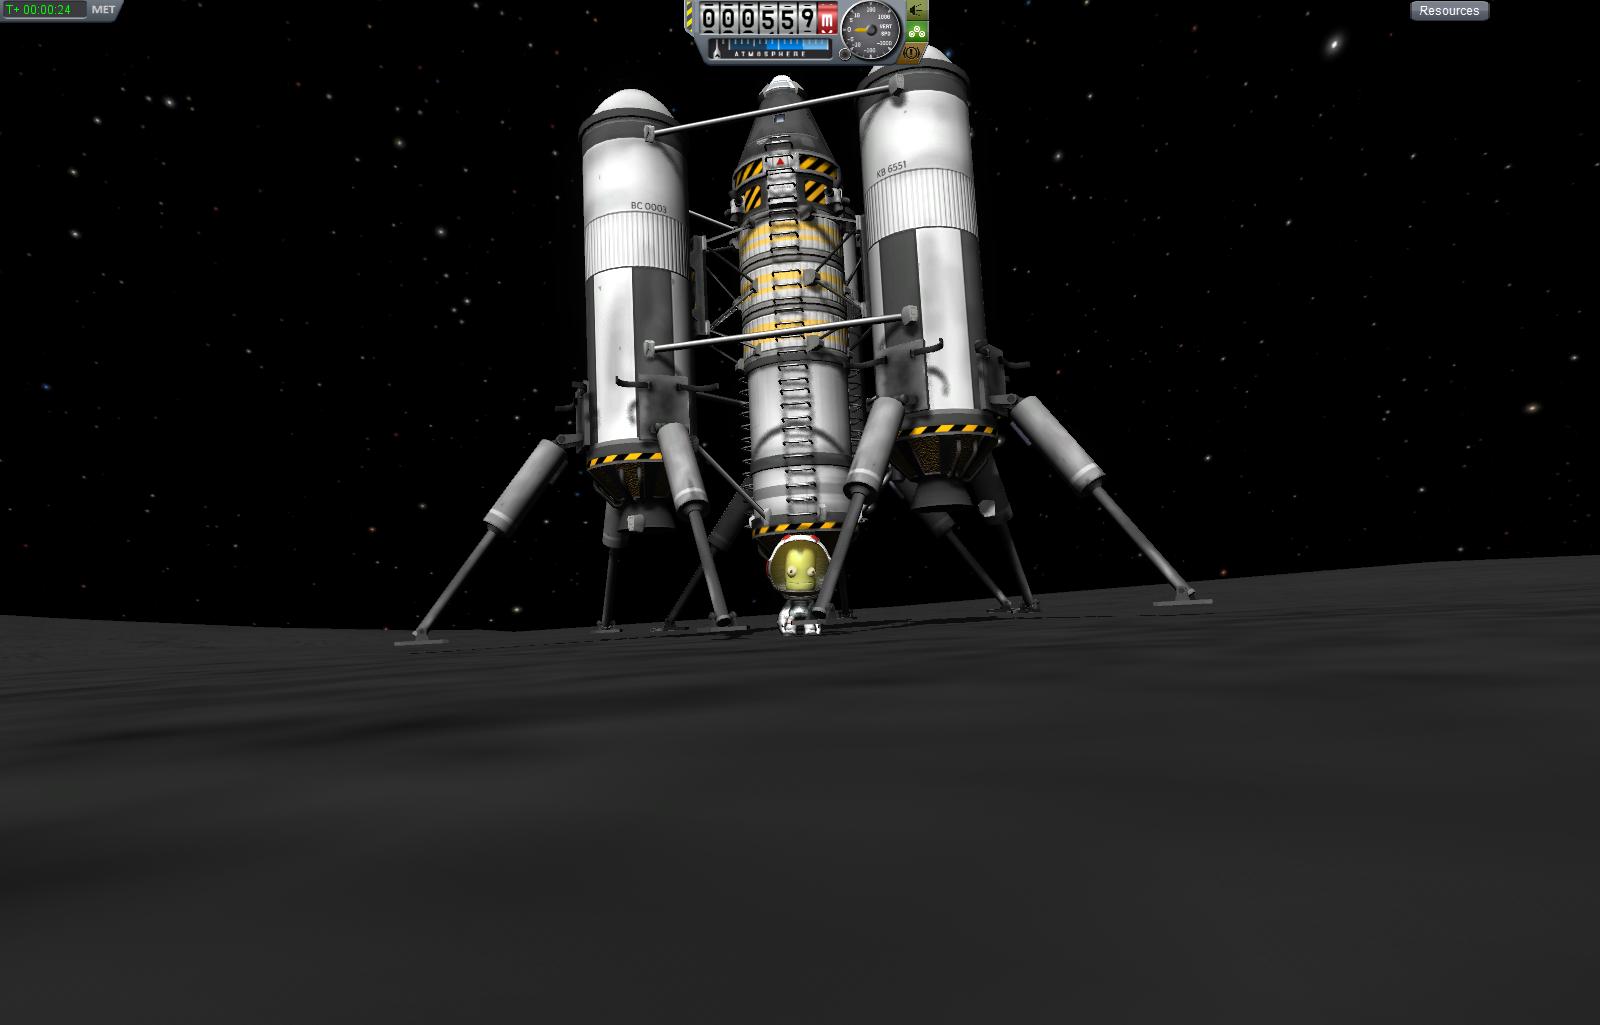 Space engine (CRPES , voyage au confins de l'univers ) - Page 3 13010205404113504910720304